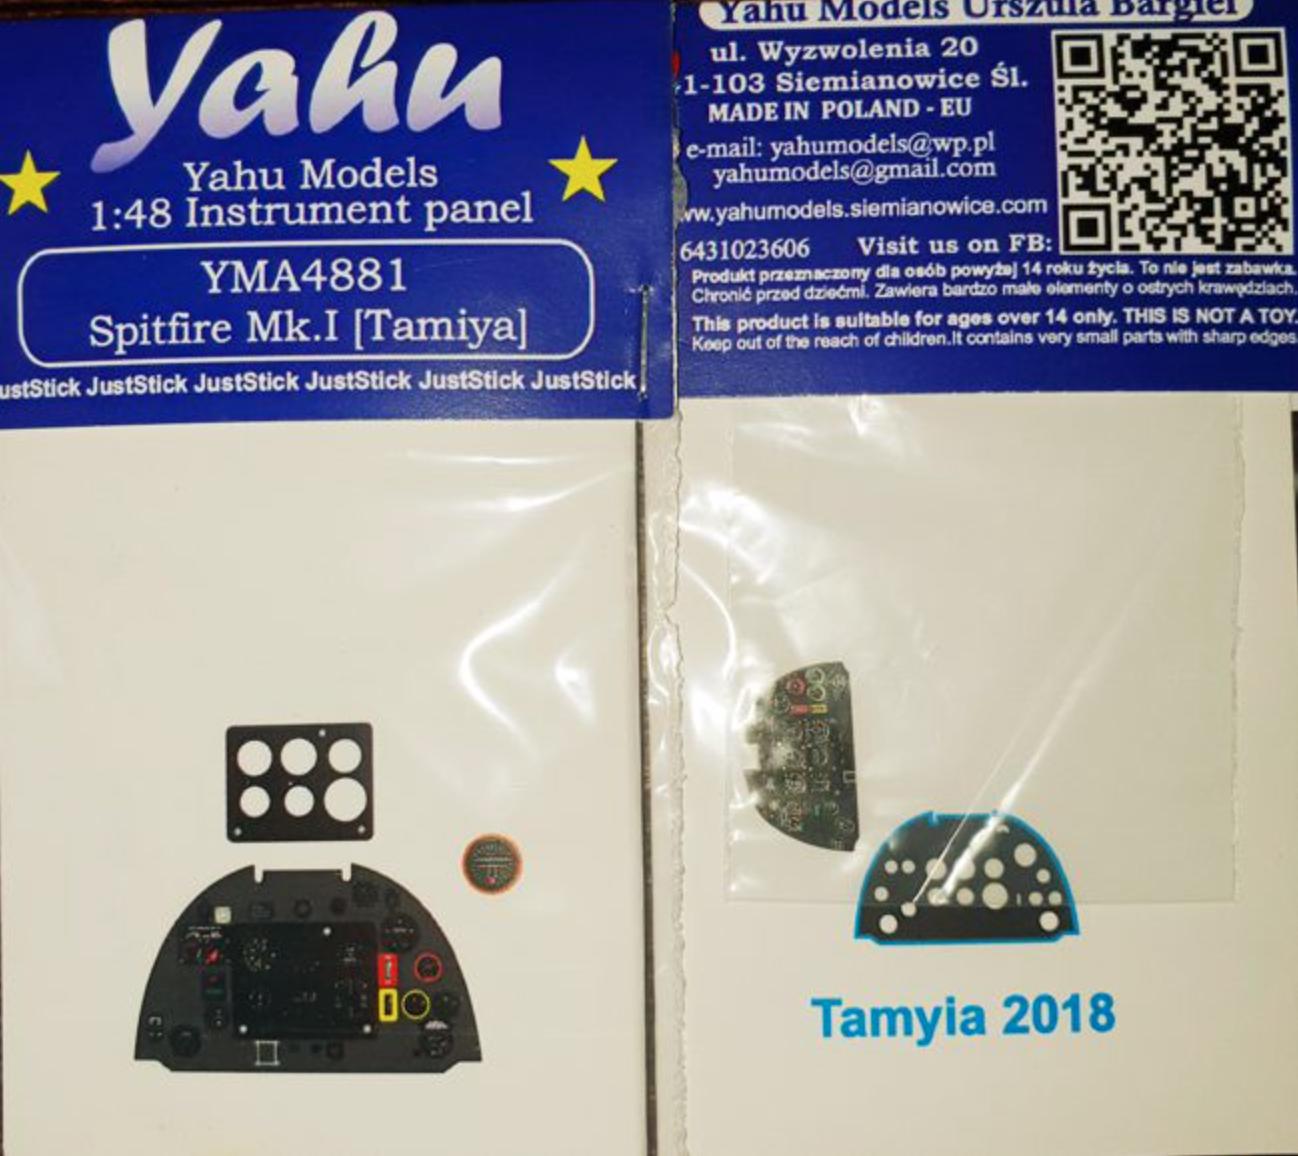 YMA4881